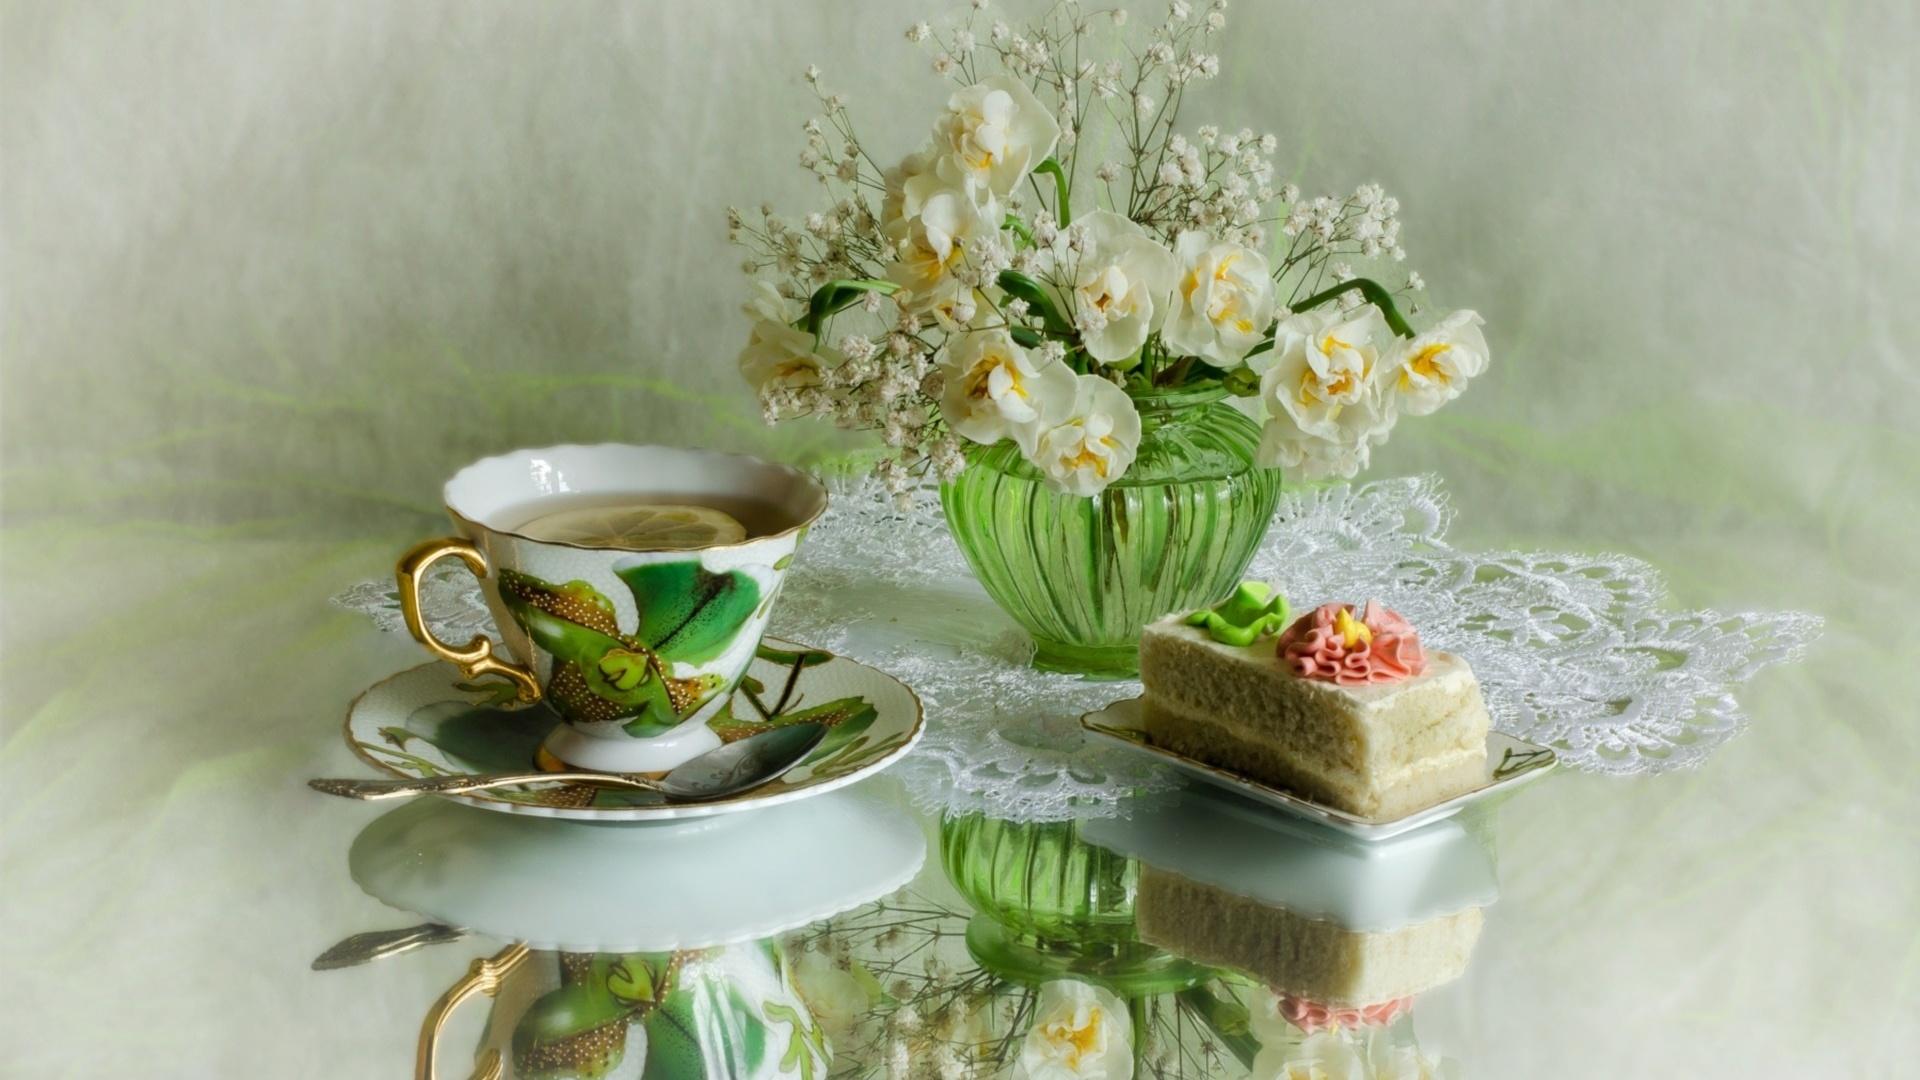 Днем пасхи, картинка чашка чая и ландыши в вазе анимация